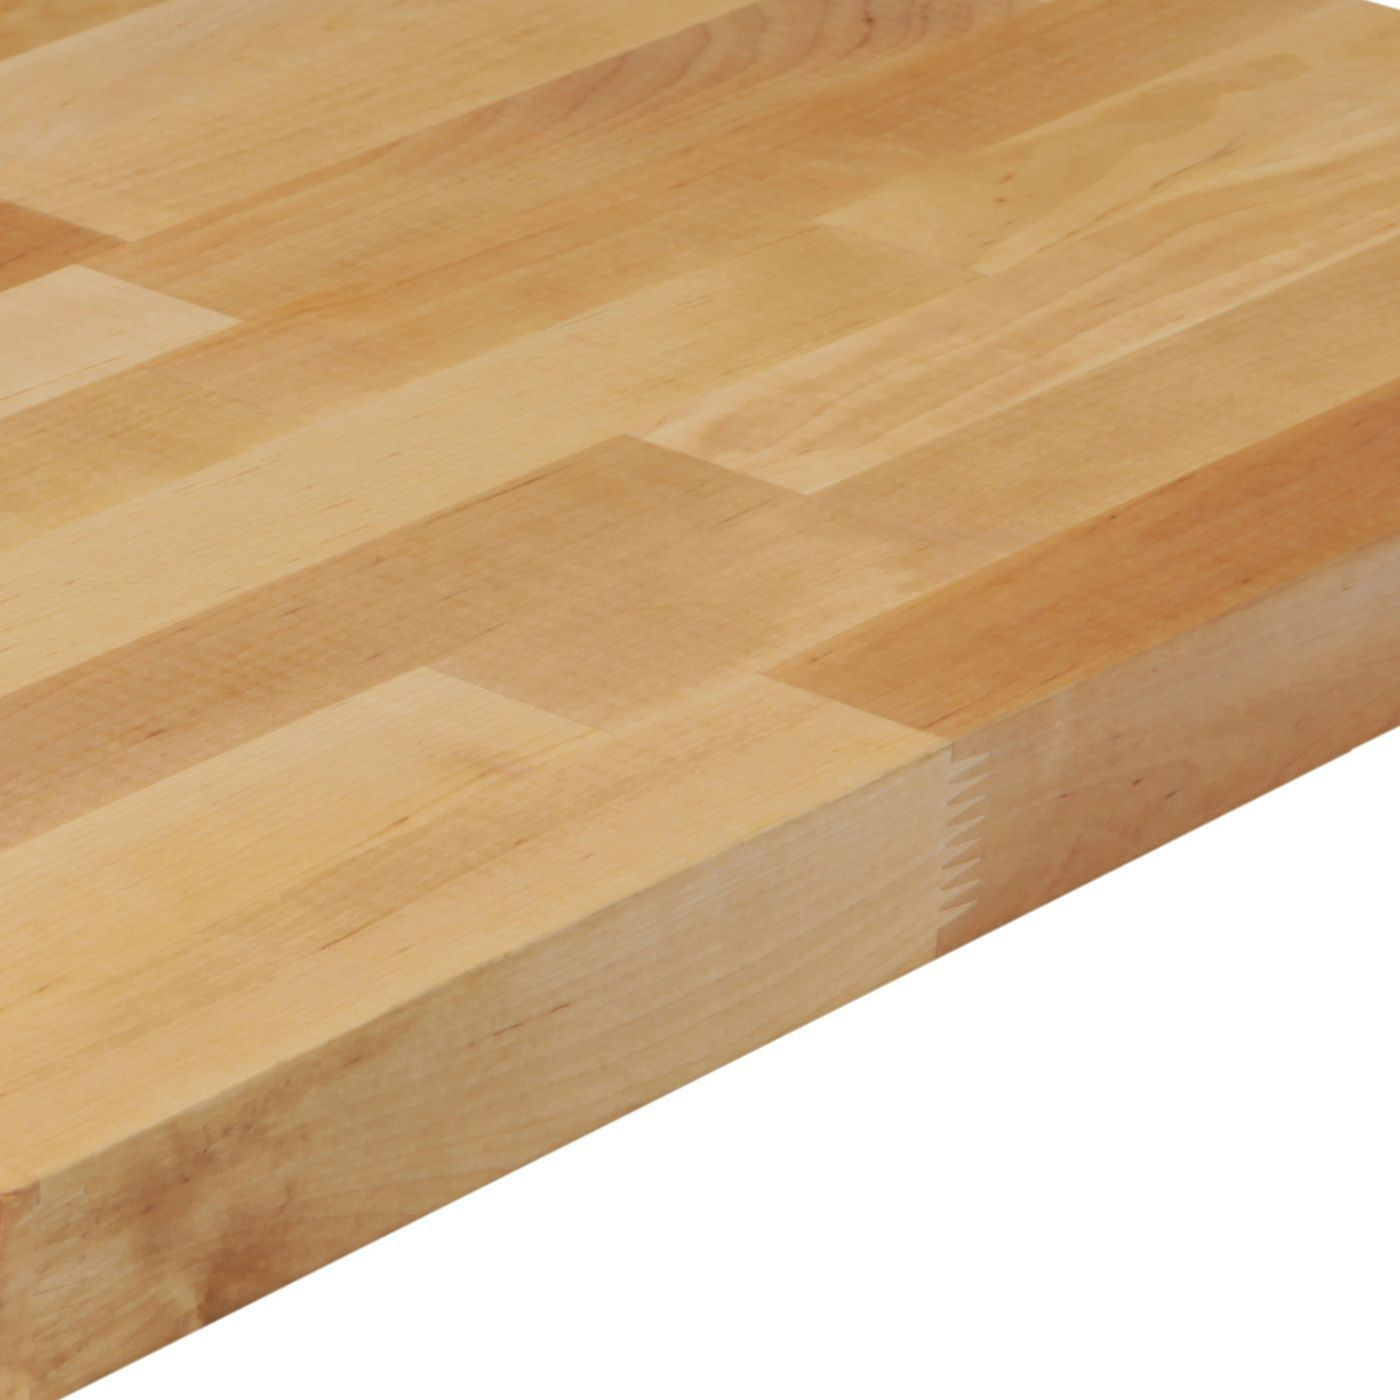 Bq Kitchen Worktops Solid Wood